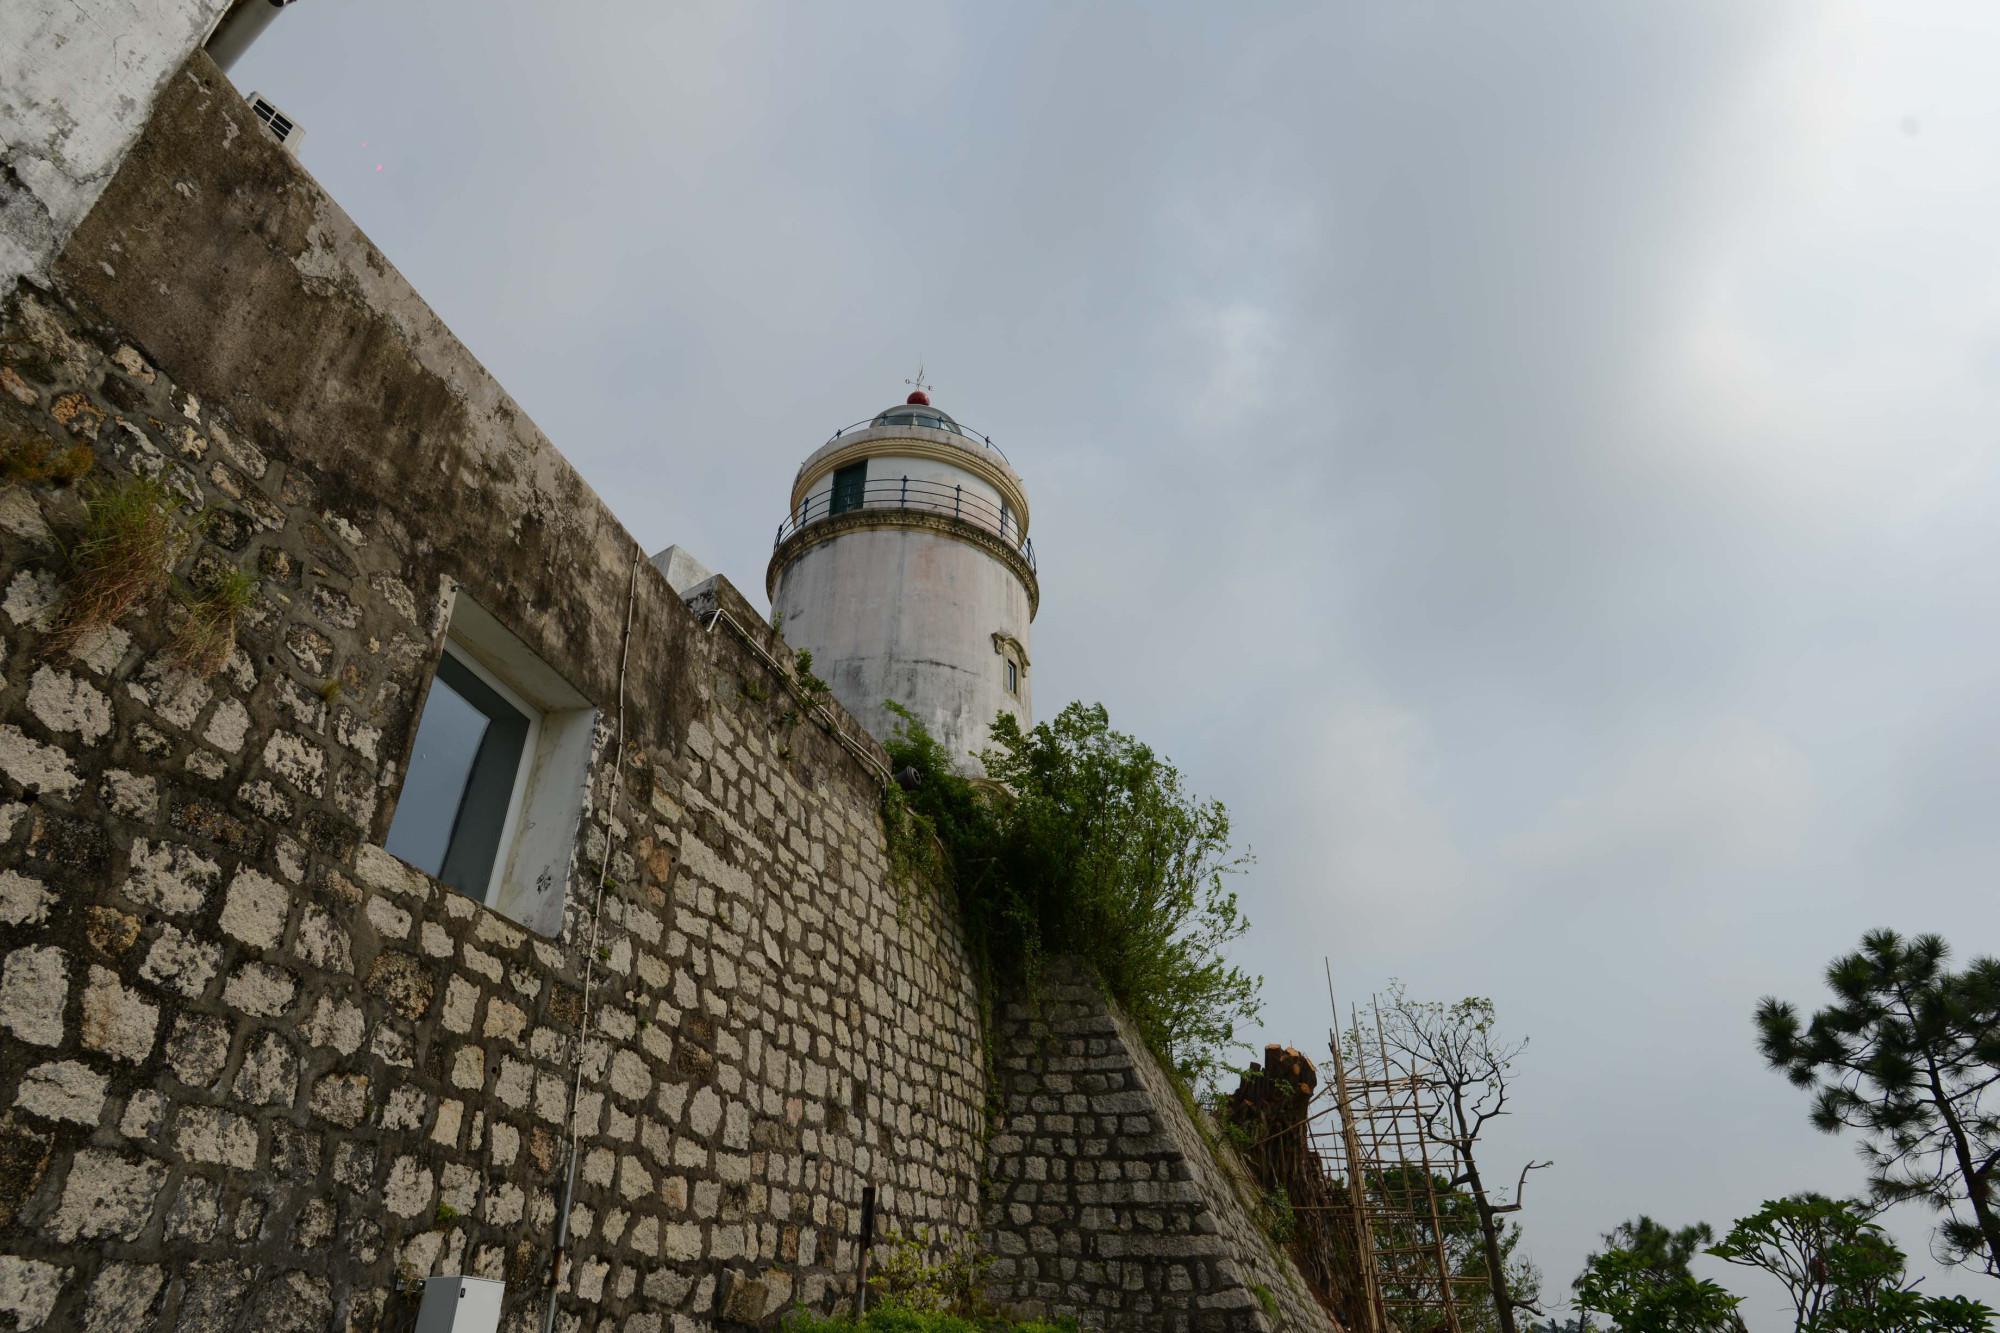 中国海岸第一座现代灯塔,藏在澳门半岛的最高处,见证历史沧桑